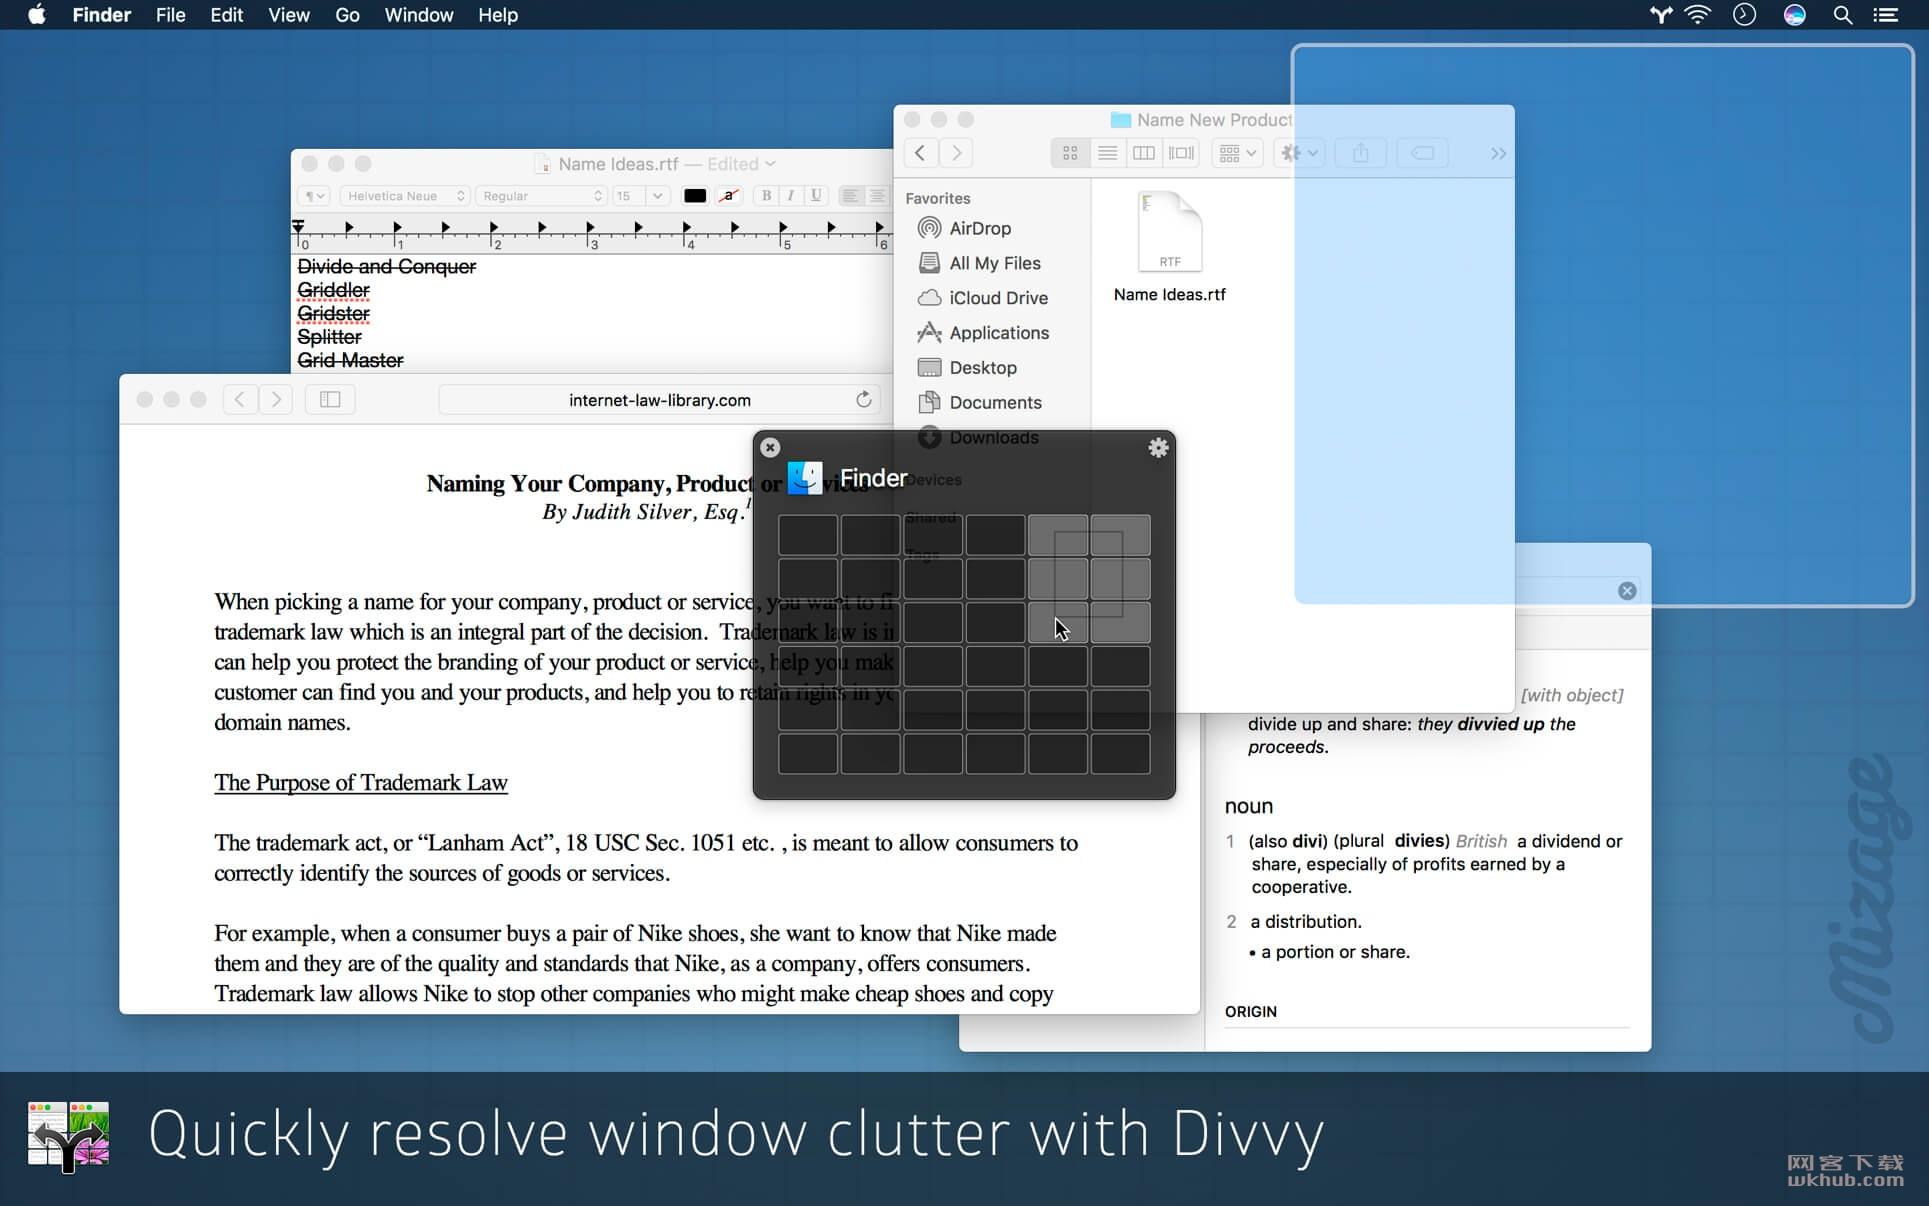 Divvy 1.5.2 窗口管理工具